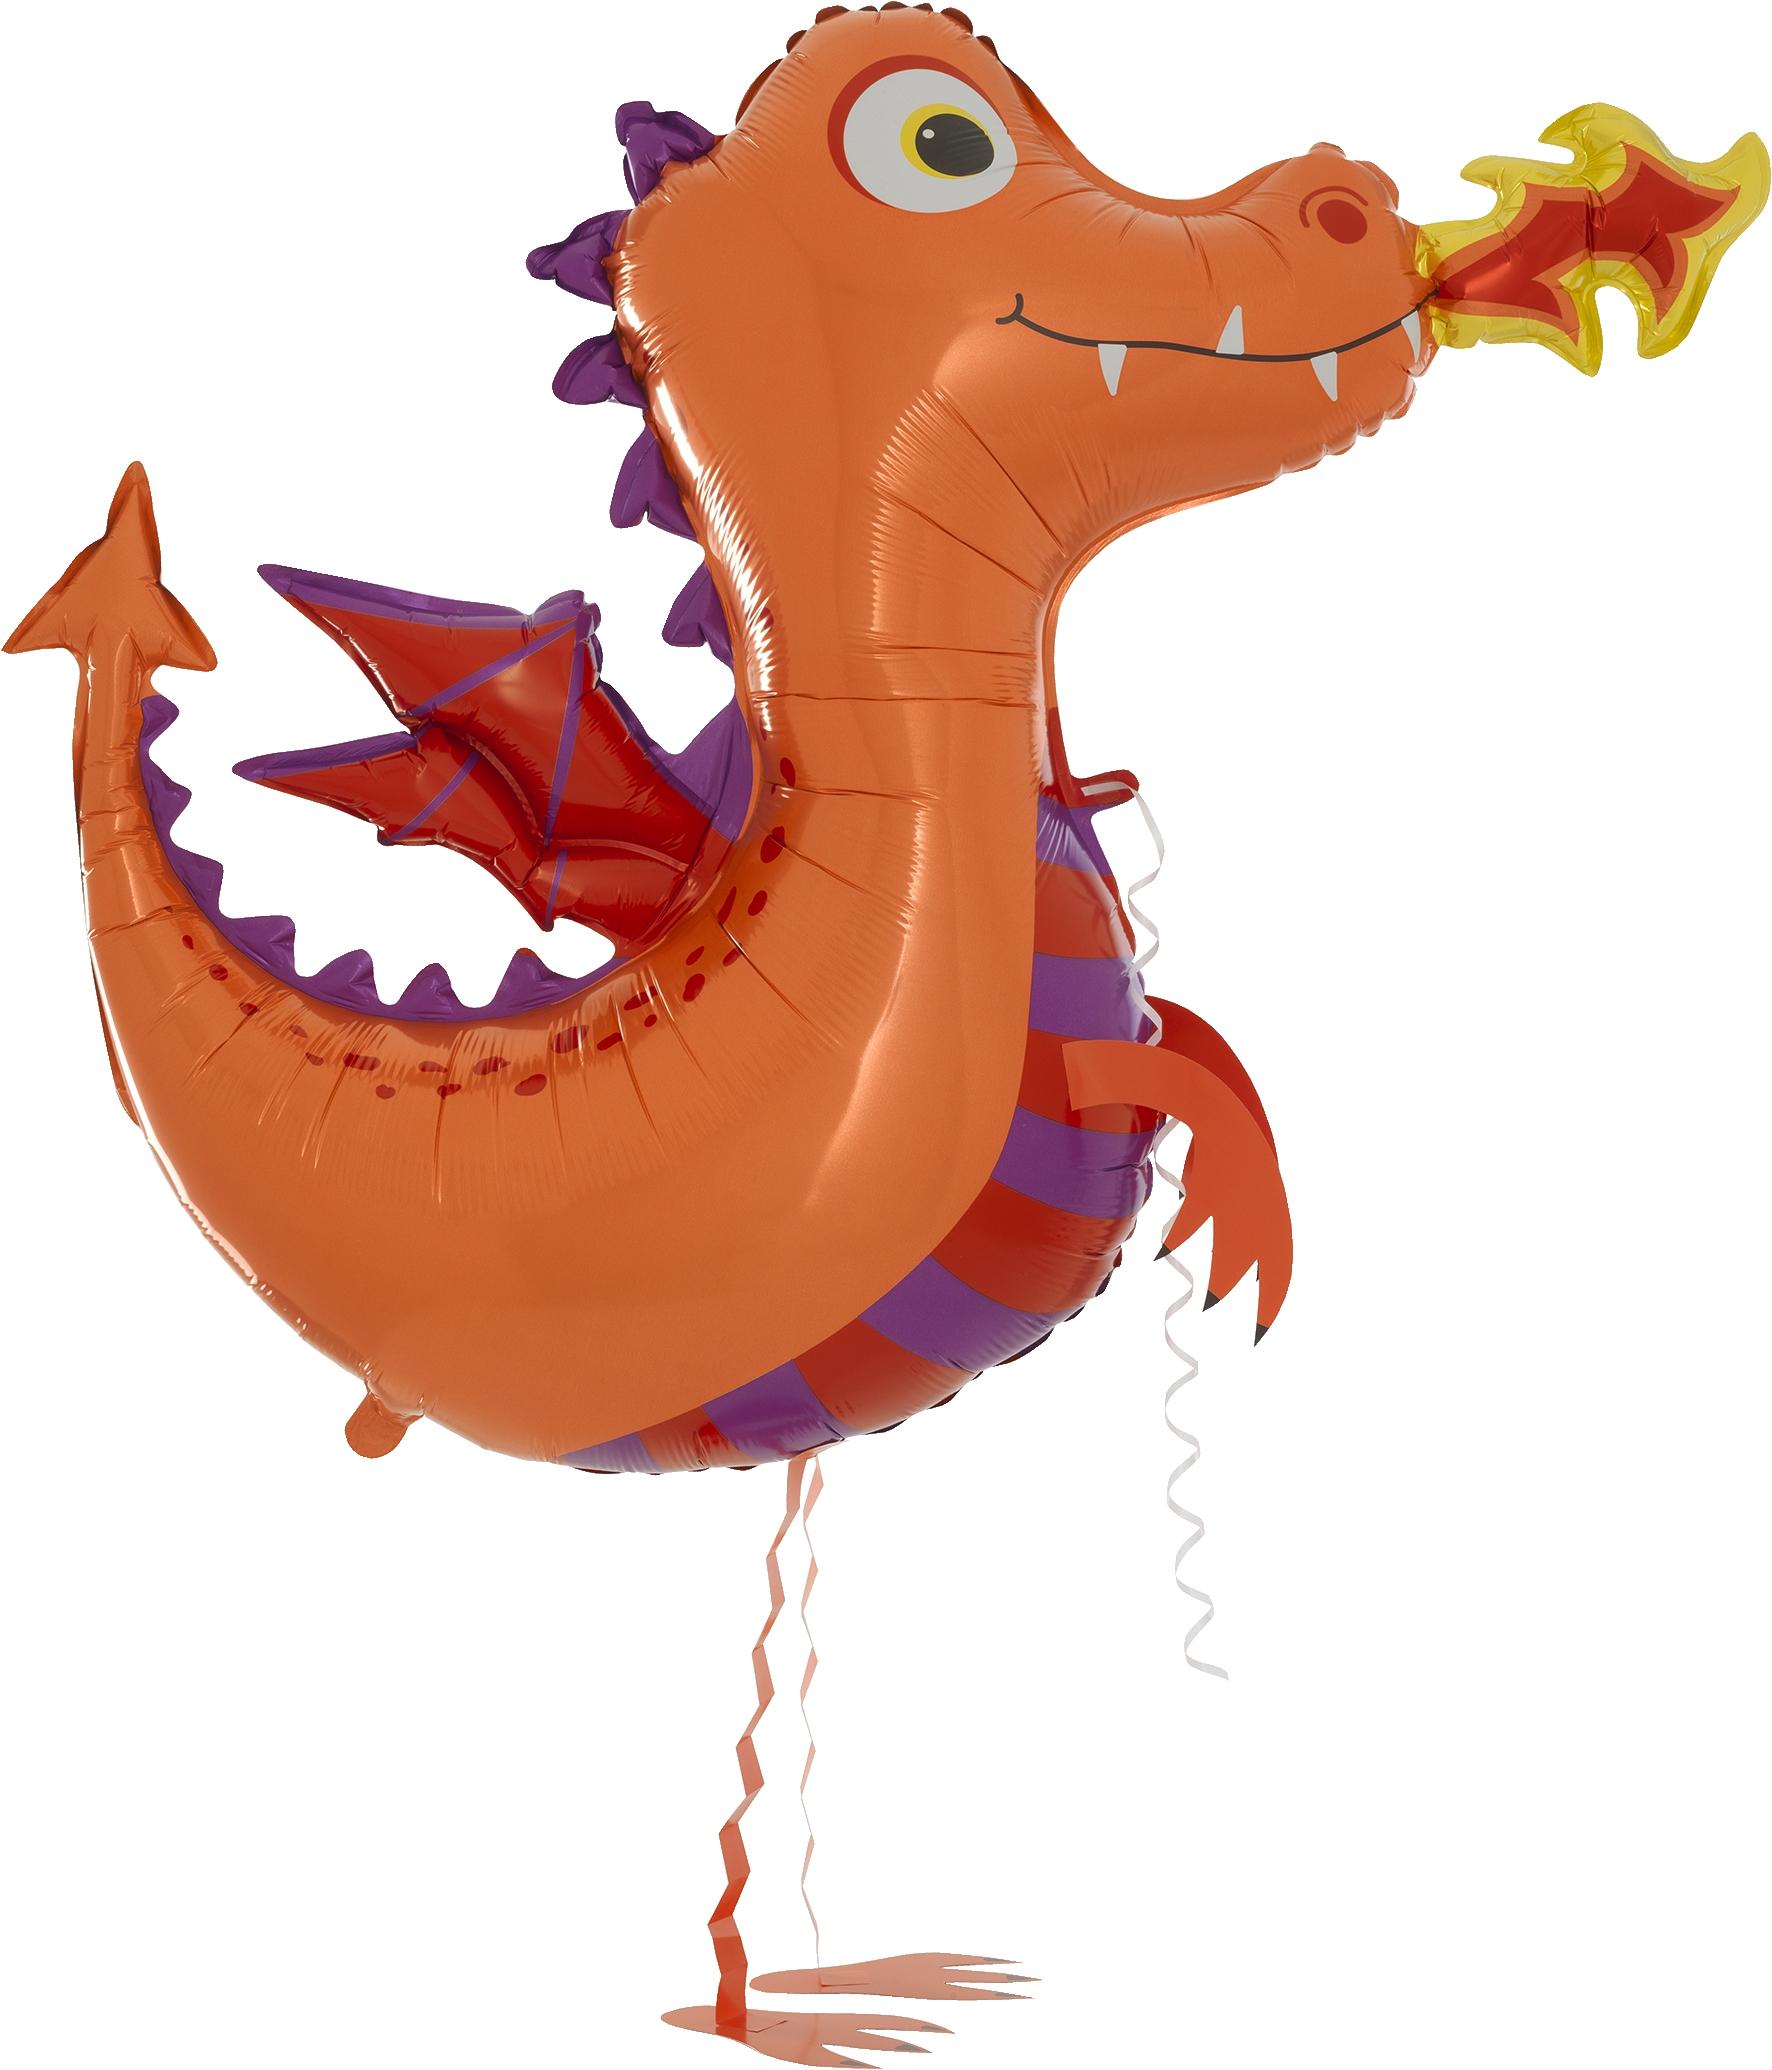 Walking Balloon Dragon orange - 63076